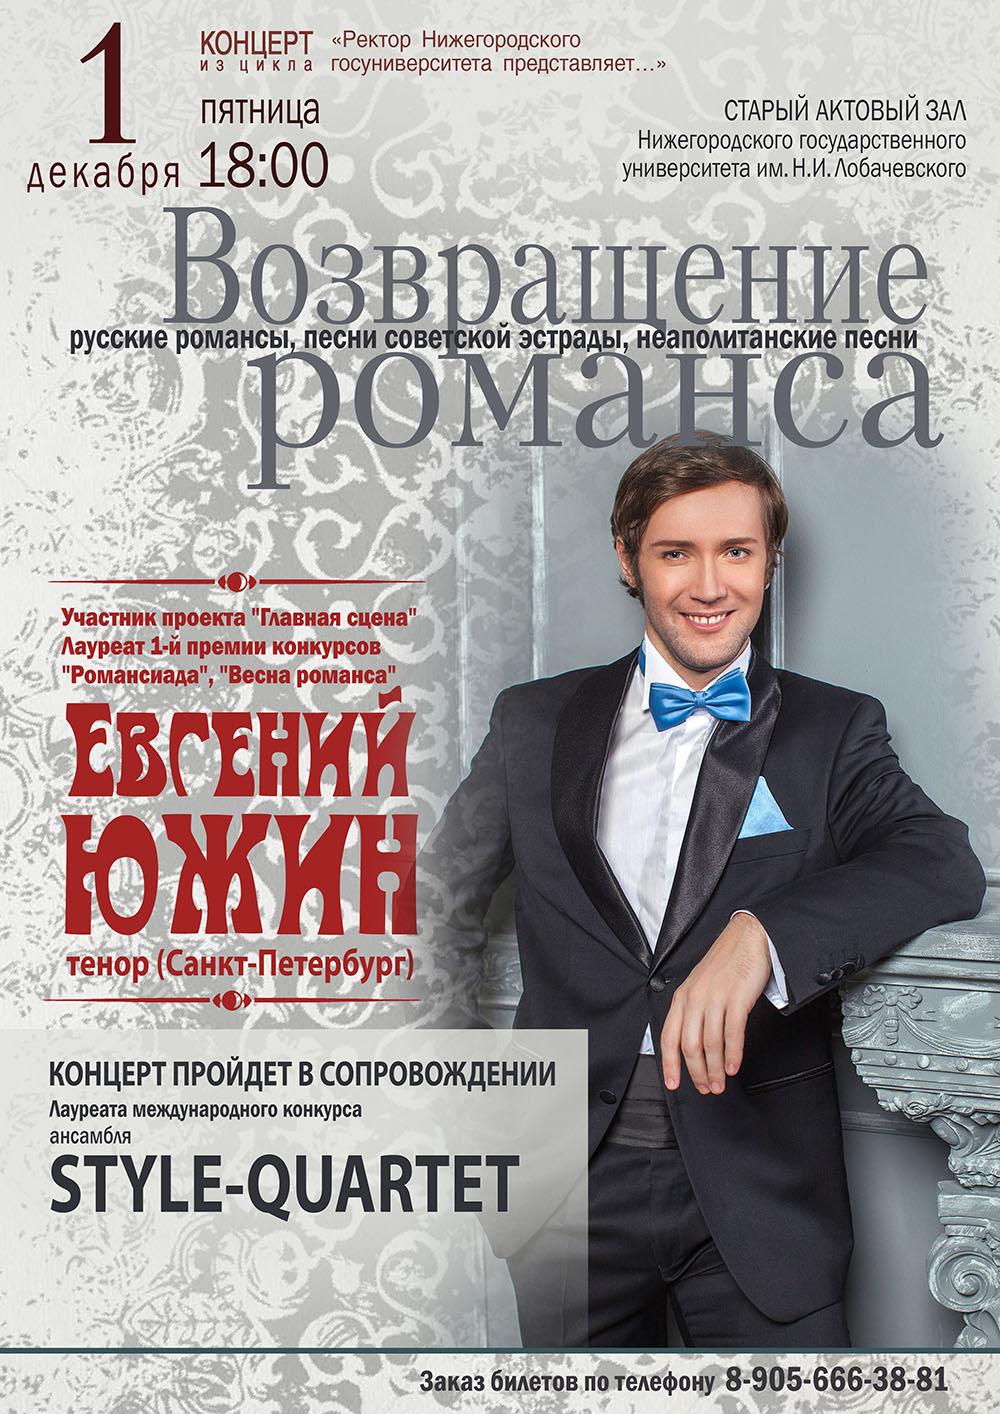 Концерт Евгения Южина и ансамбля Style-Quartet